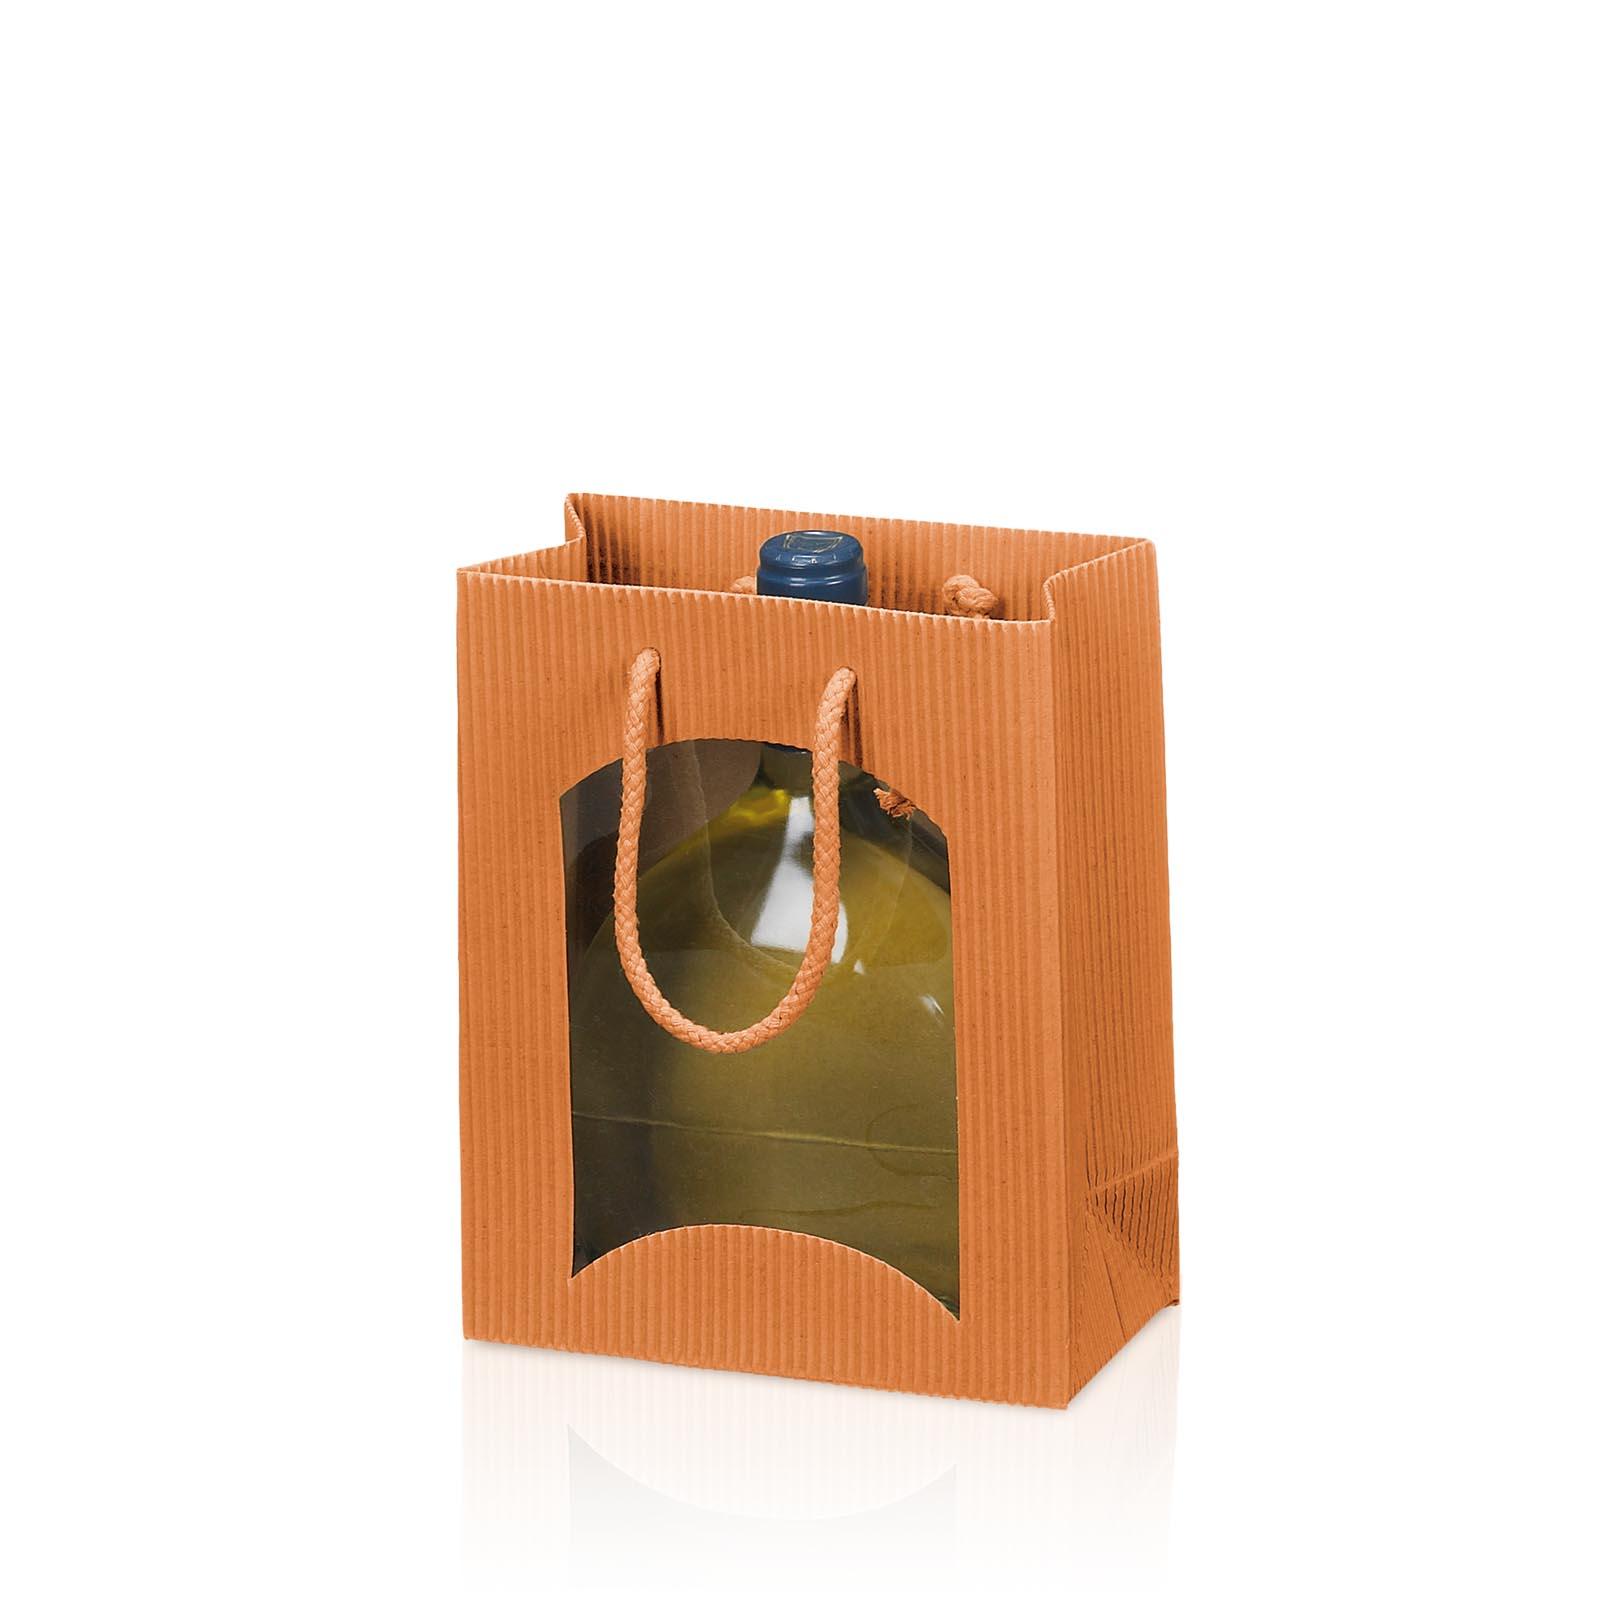 tragetasche bb cotto offene welle mit fenster 1er taschen offene welle taschen beutel. Black Bedroom Furniture Sets. Home Design Ideas